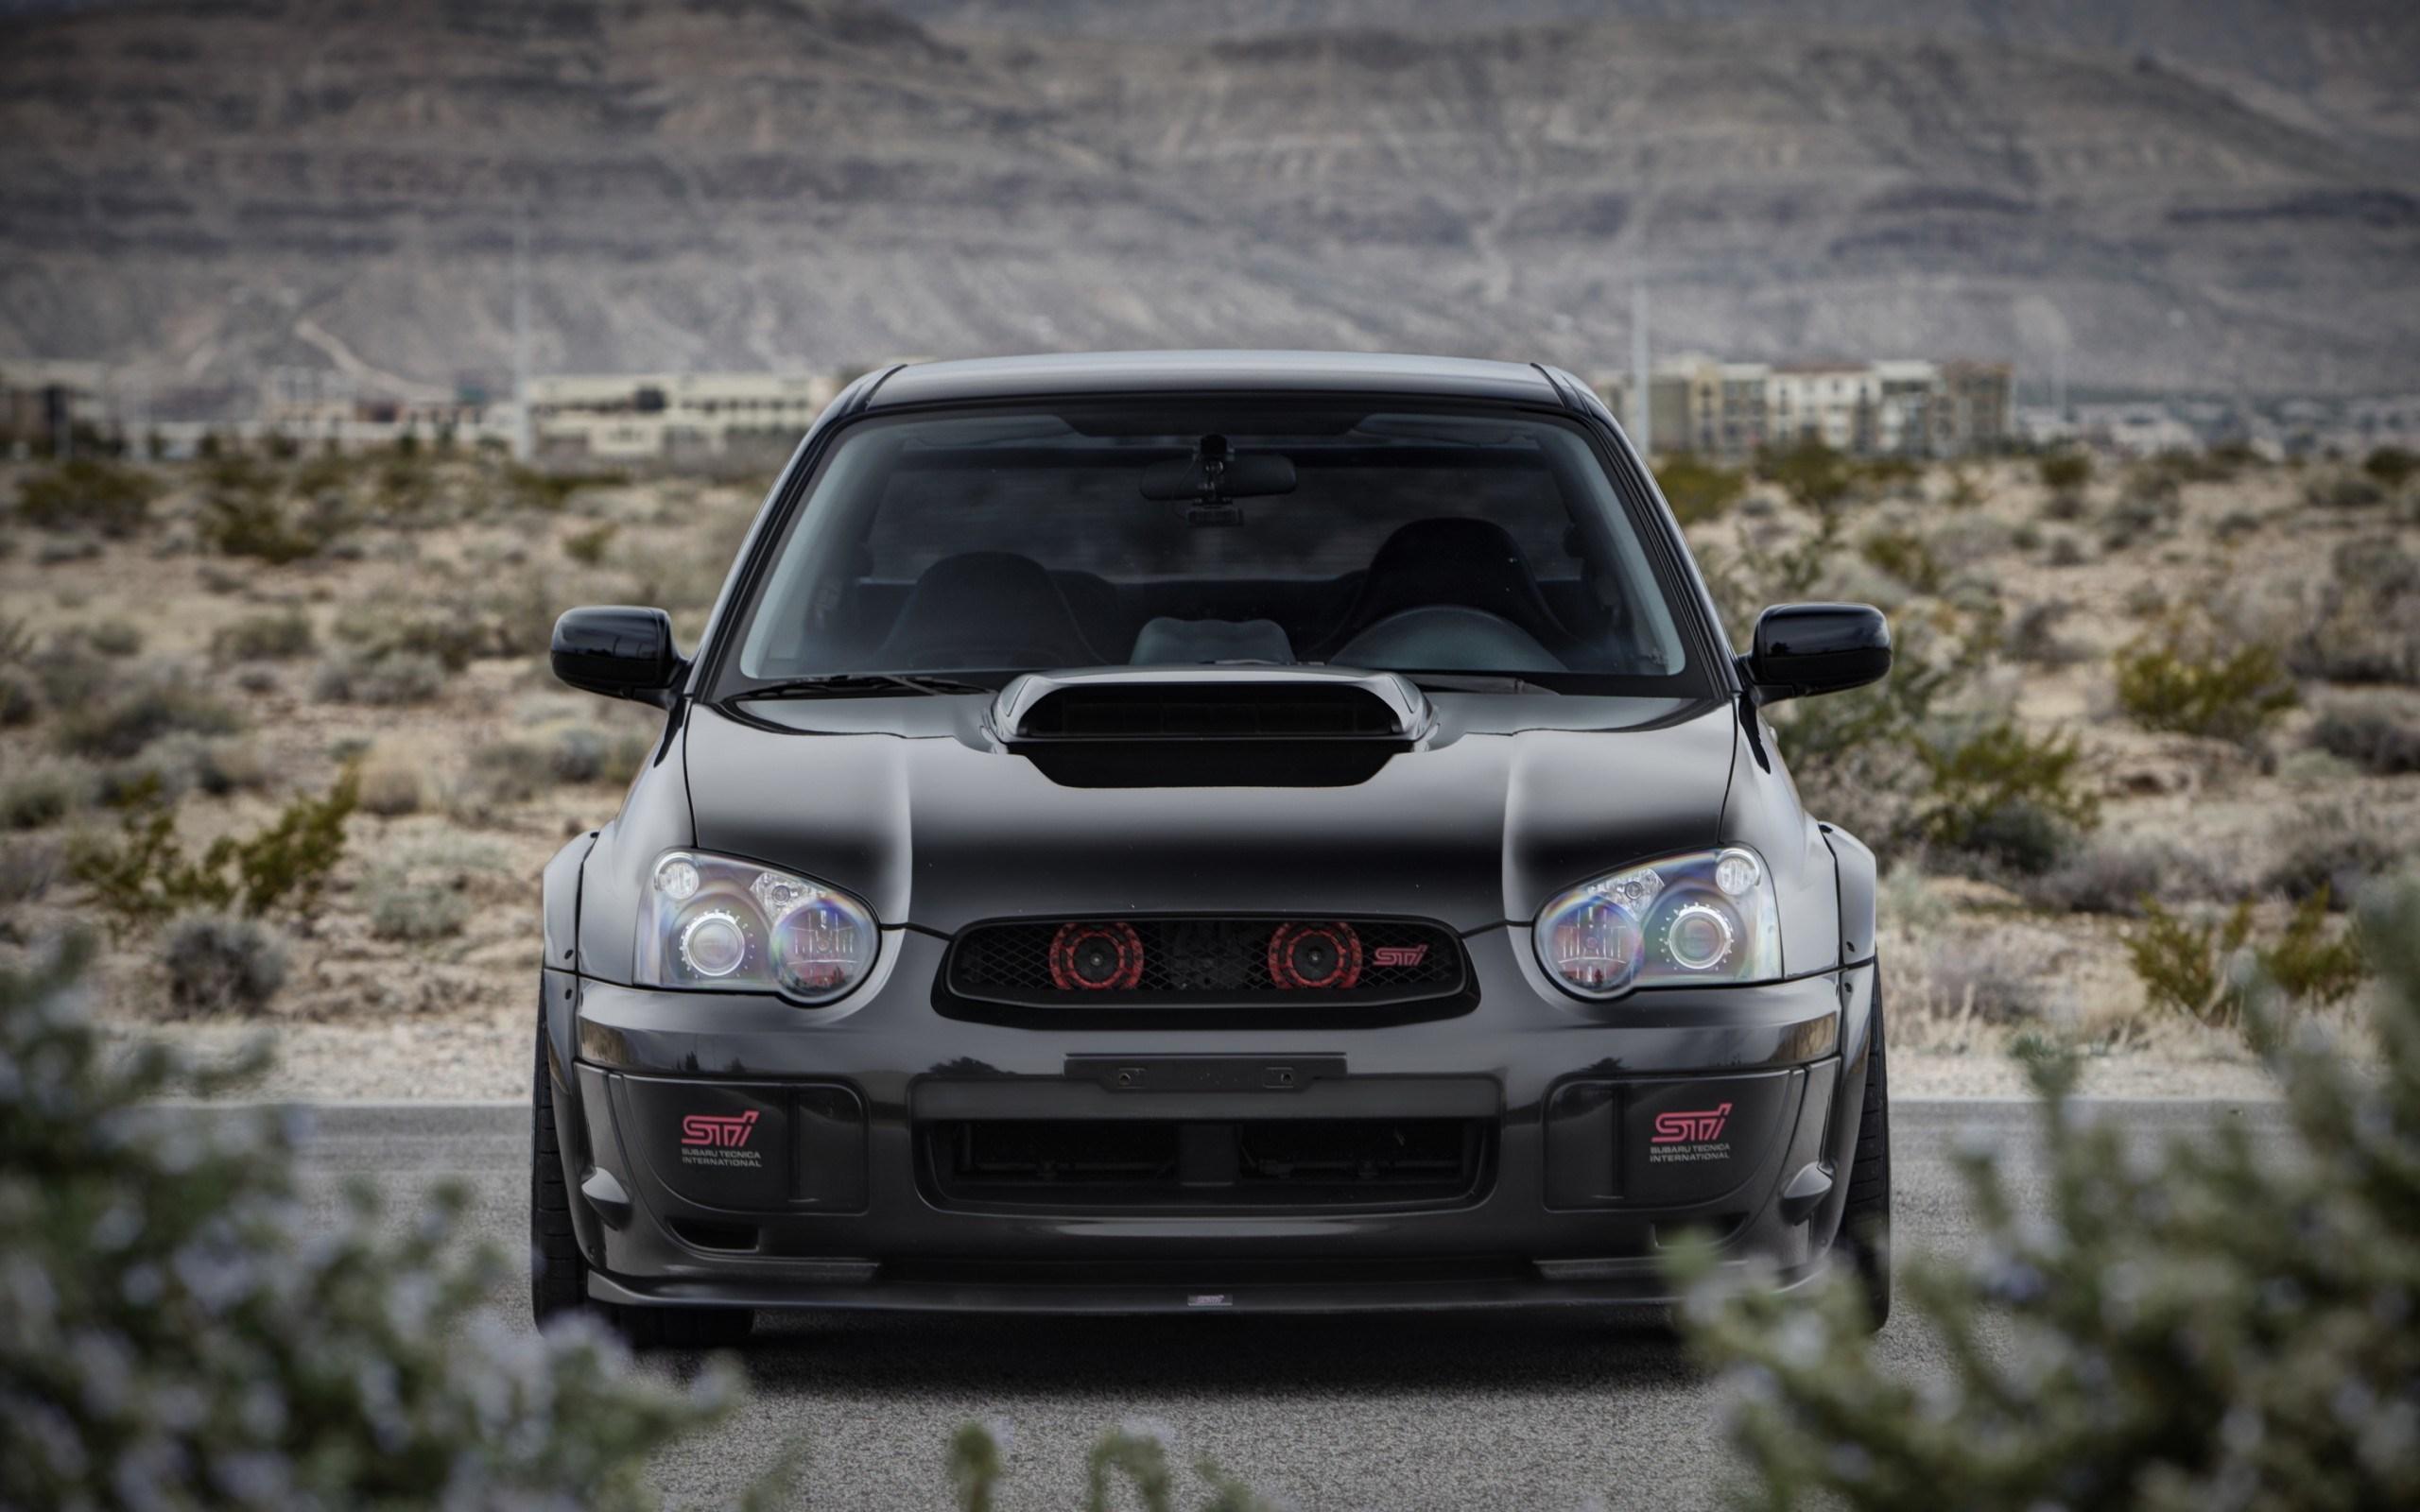 Subaru STI Tuning Car Front